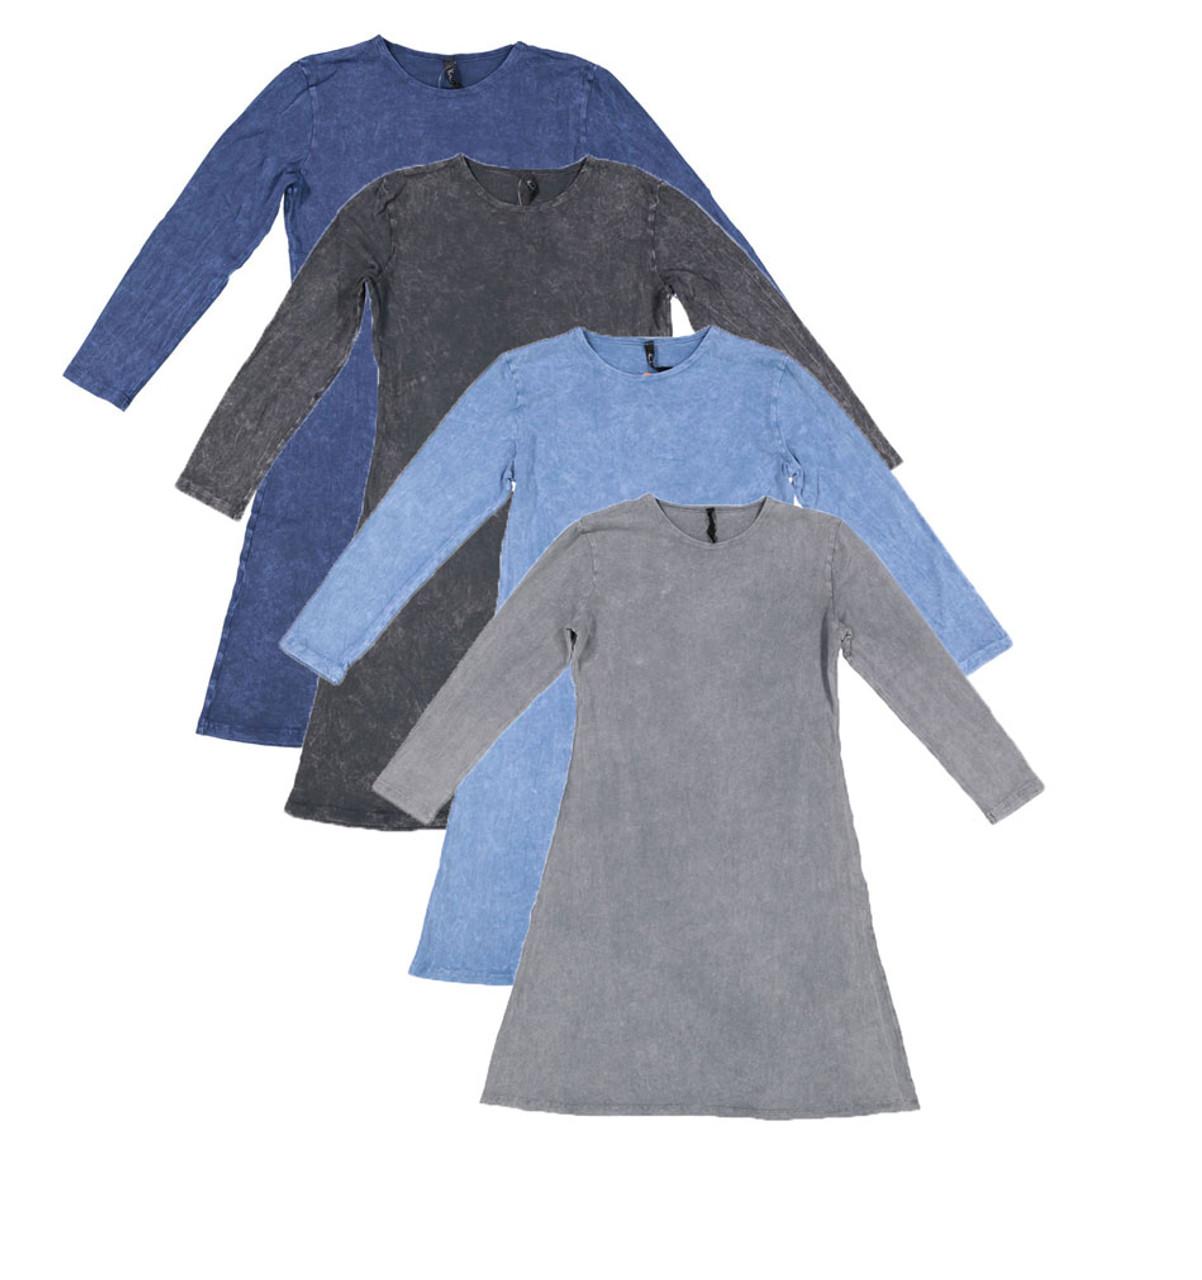 Kiki Riki Girls' Stone Wash Dress